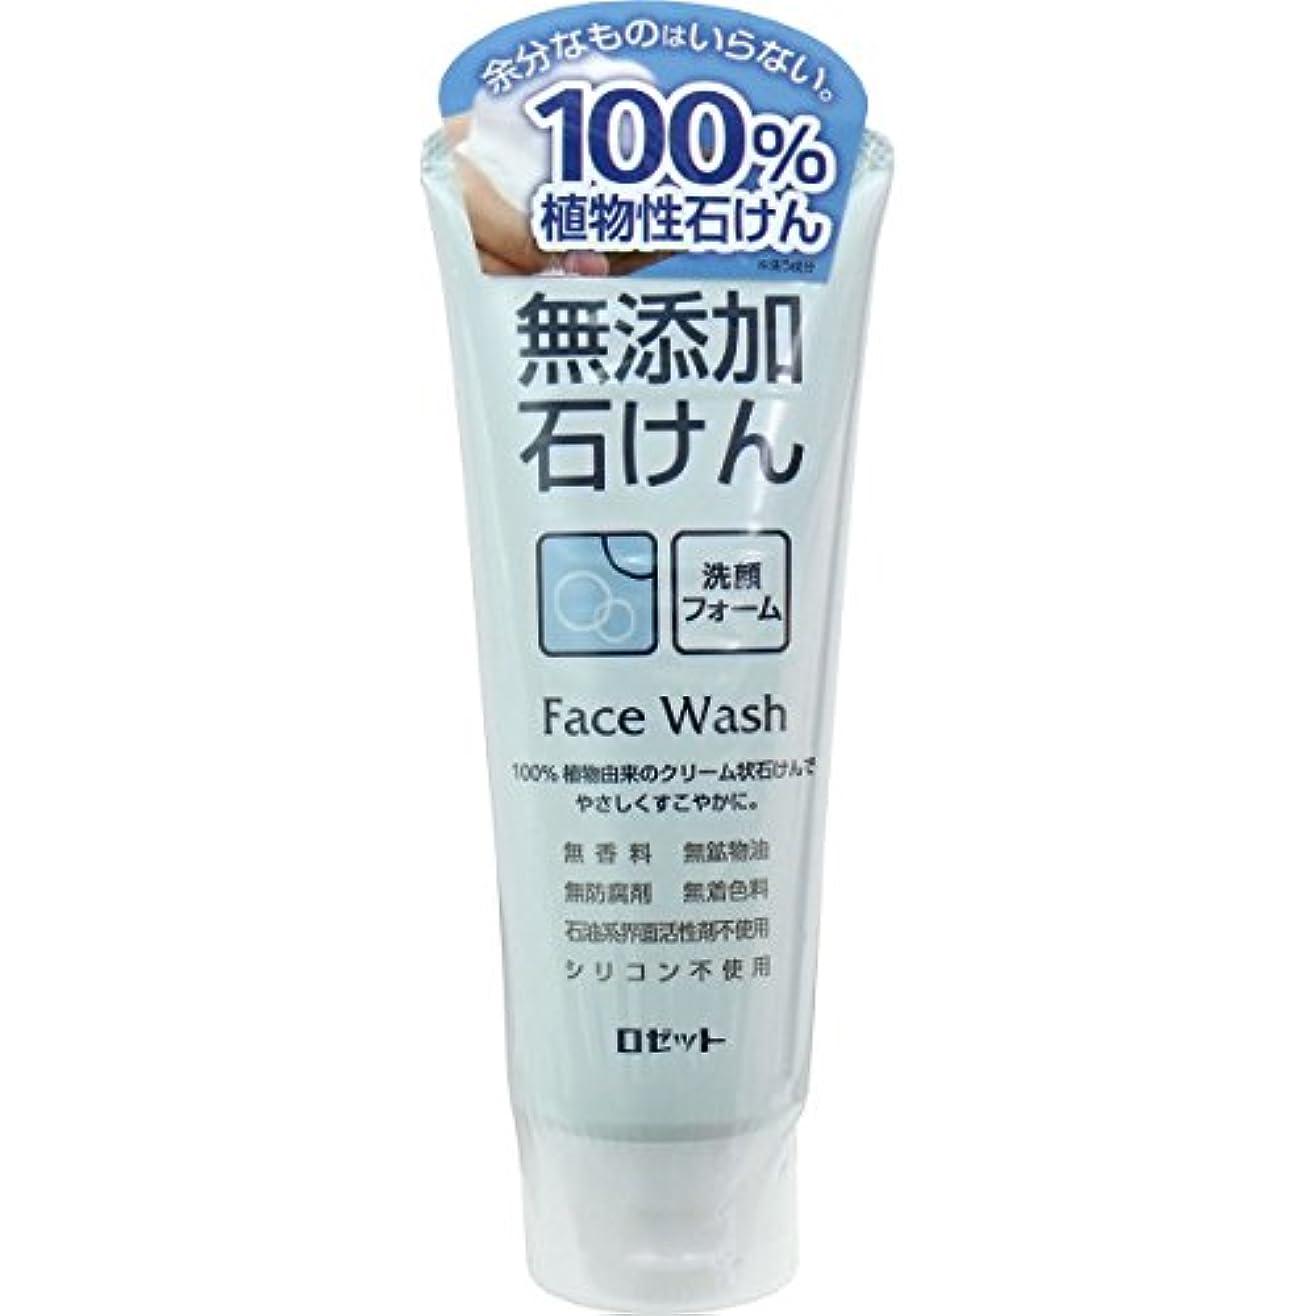 知り合い外部統計【ロゼット】無添加石けん 洗顔フォーム 140g ×5個セット